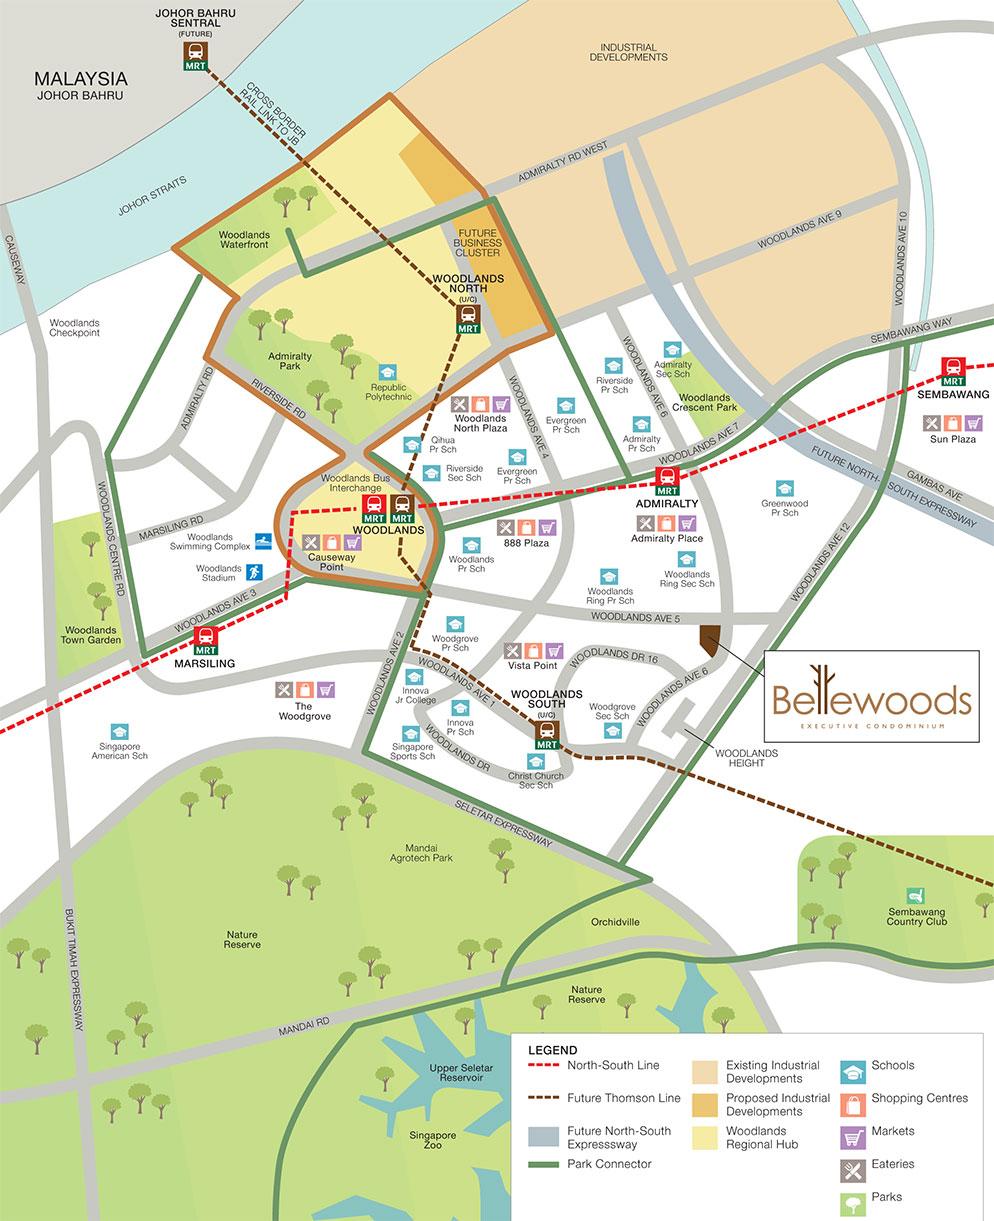 Bellewoods Location